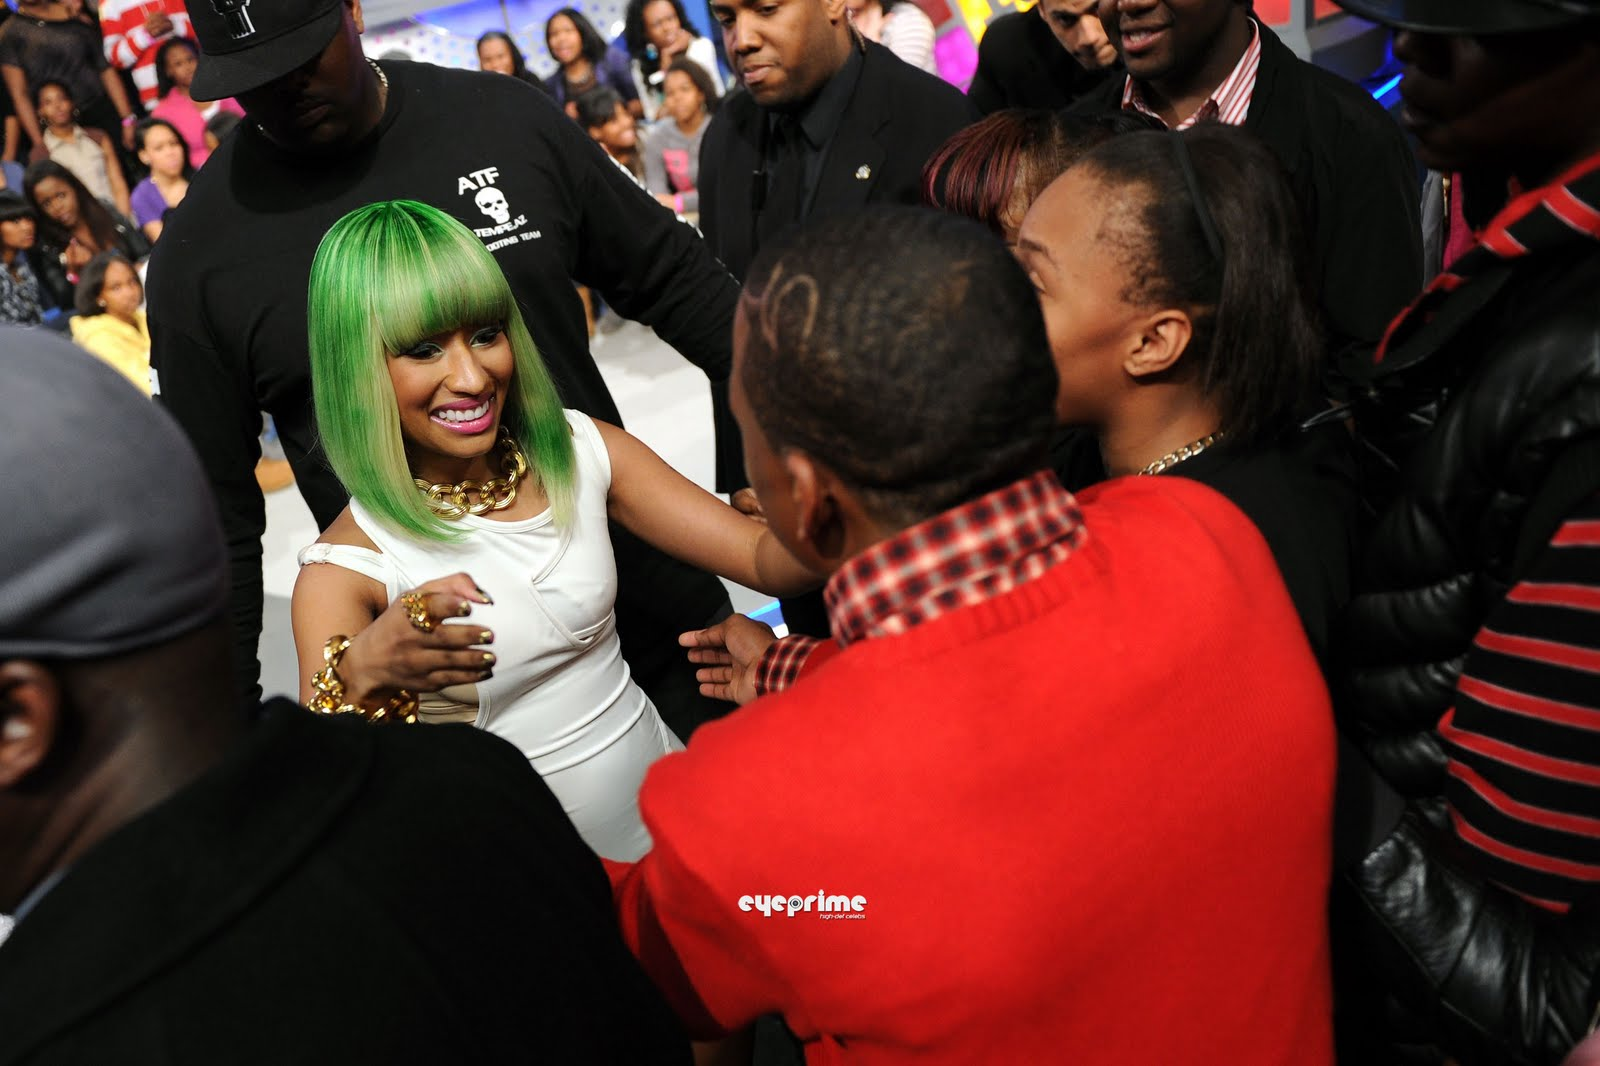 http://4.bp.blogspot.com/_6A8j2EQmANk/S8mg_X7n9RI/AAAAAAAACI0/AsJeNjl1jEE/s1600/Nicki+Minaj3.jpg